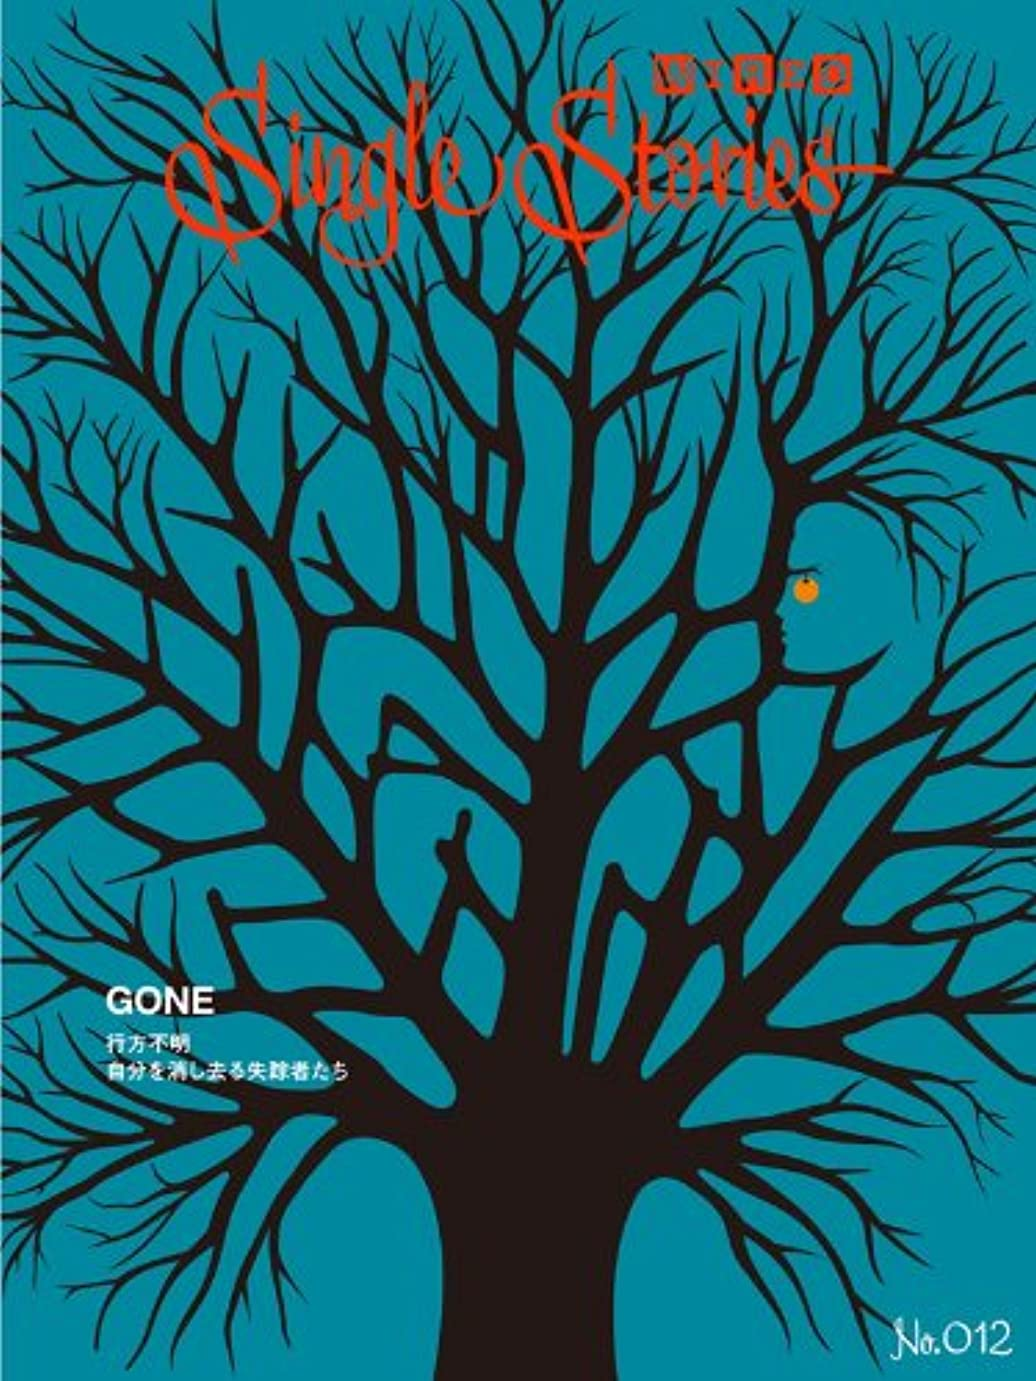 モンスター解読するくちばしGONE 行方不明  自分を消し去る失踪者たち(WIRED Single Stories 012)